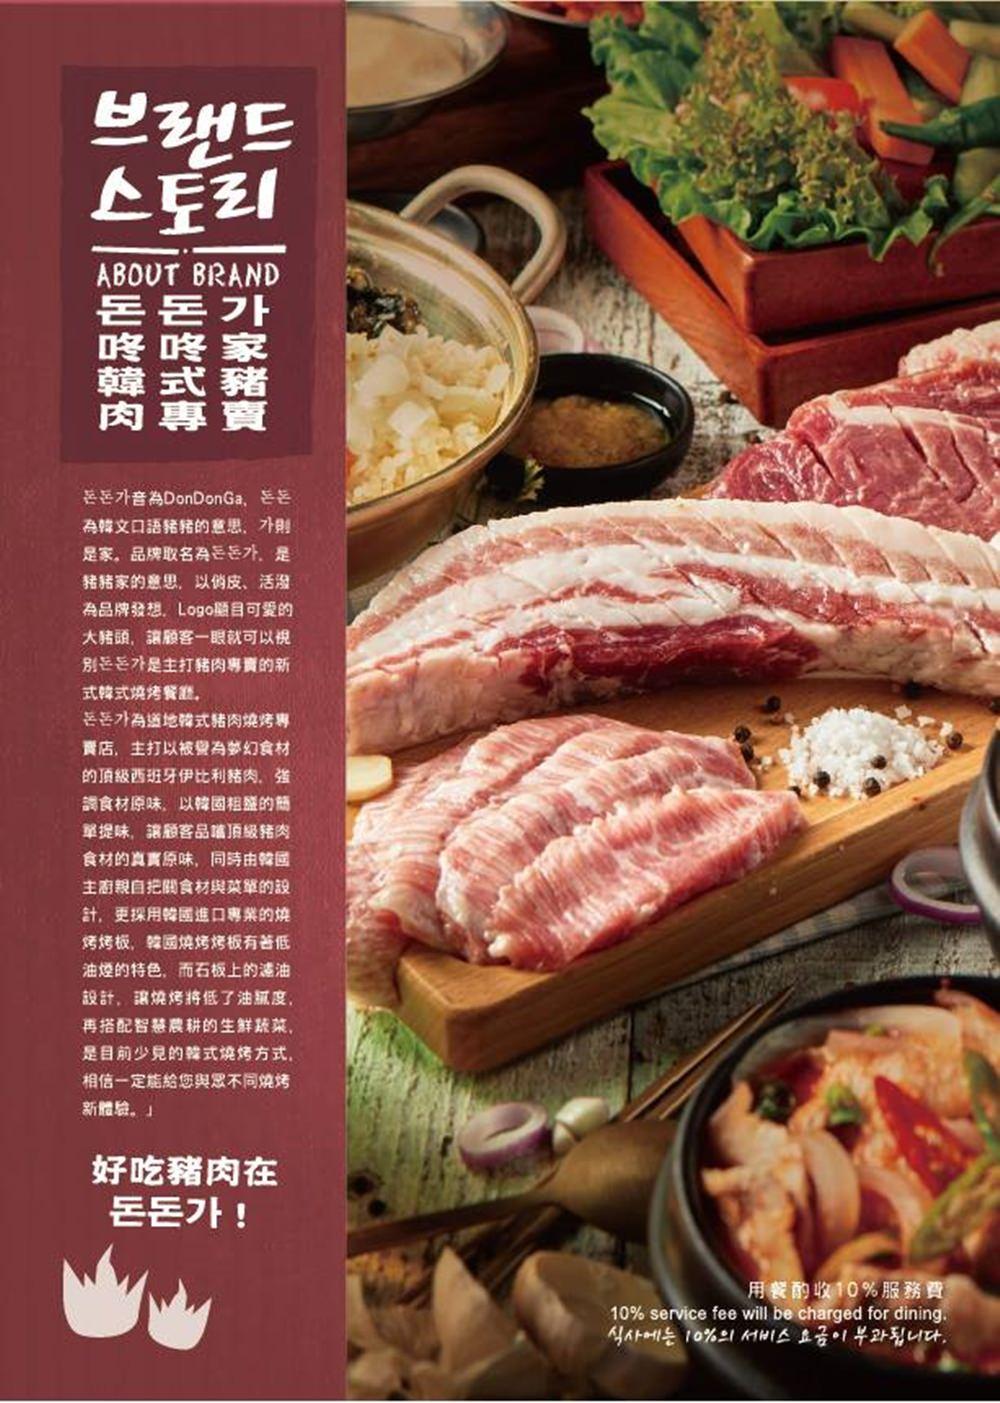 咚咚家dondonga韓式豬肉專賣 – 돈돈가菜單